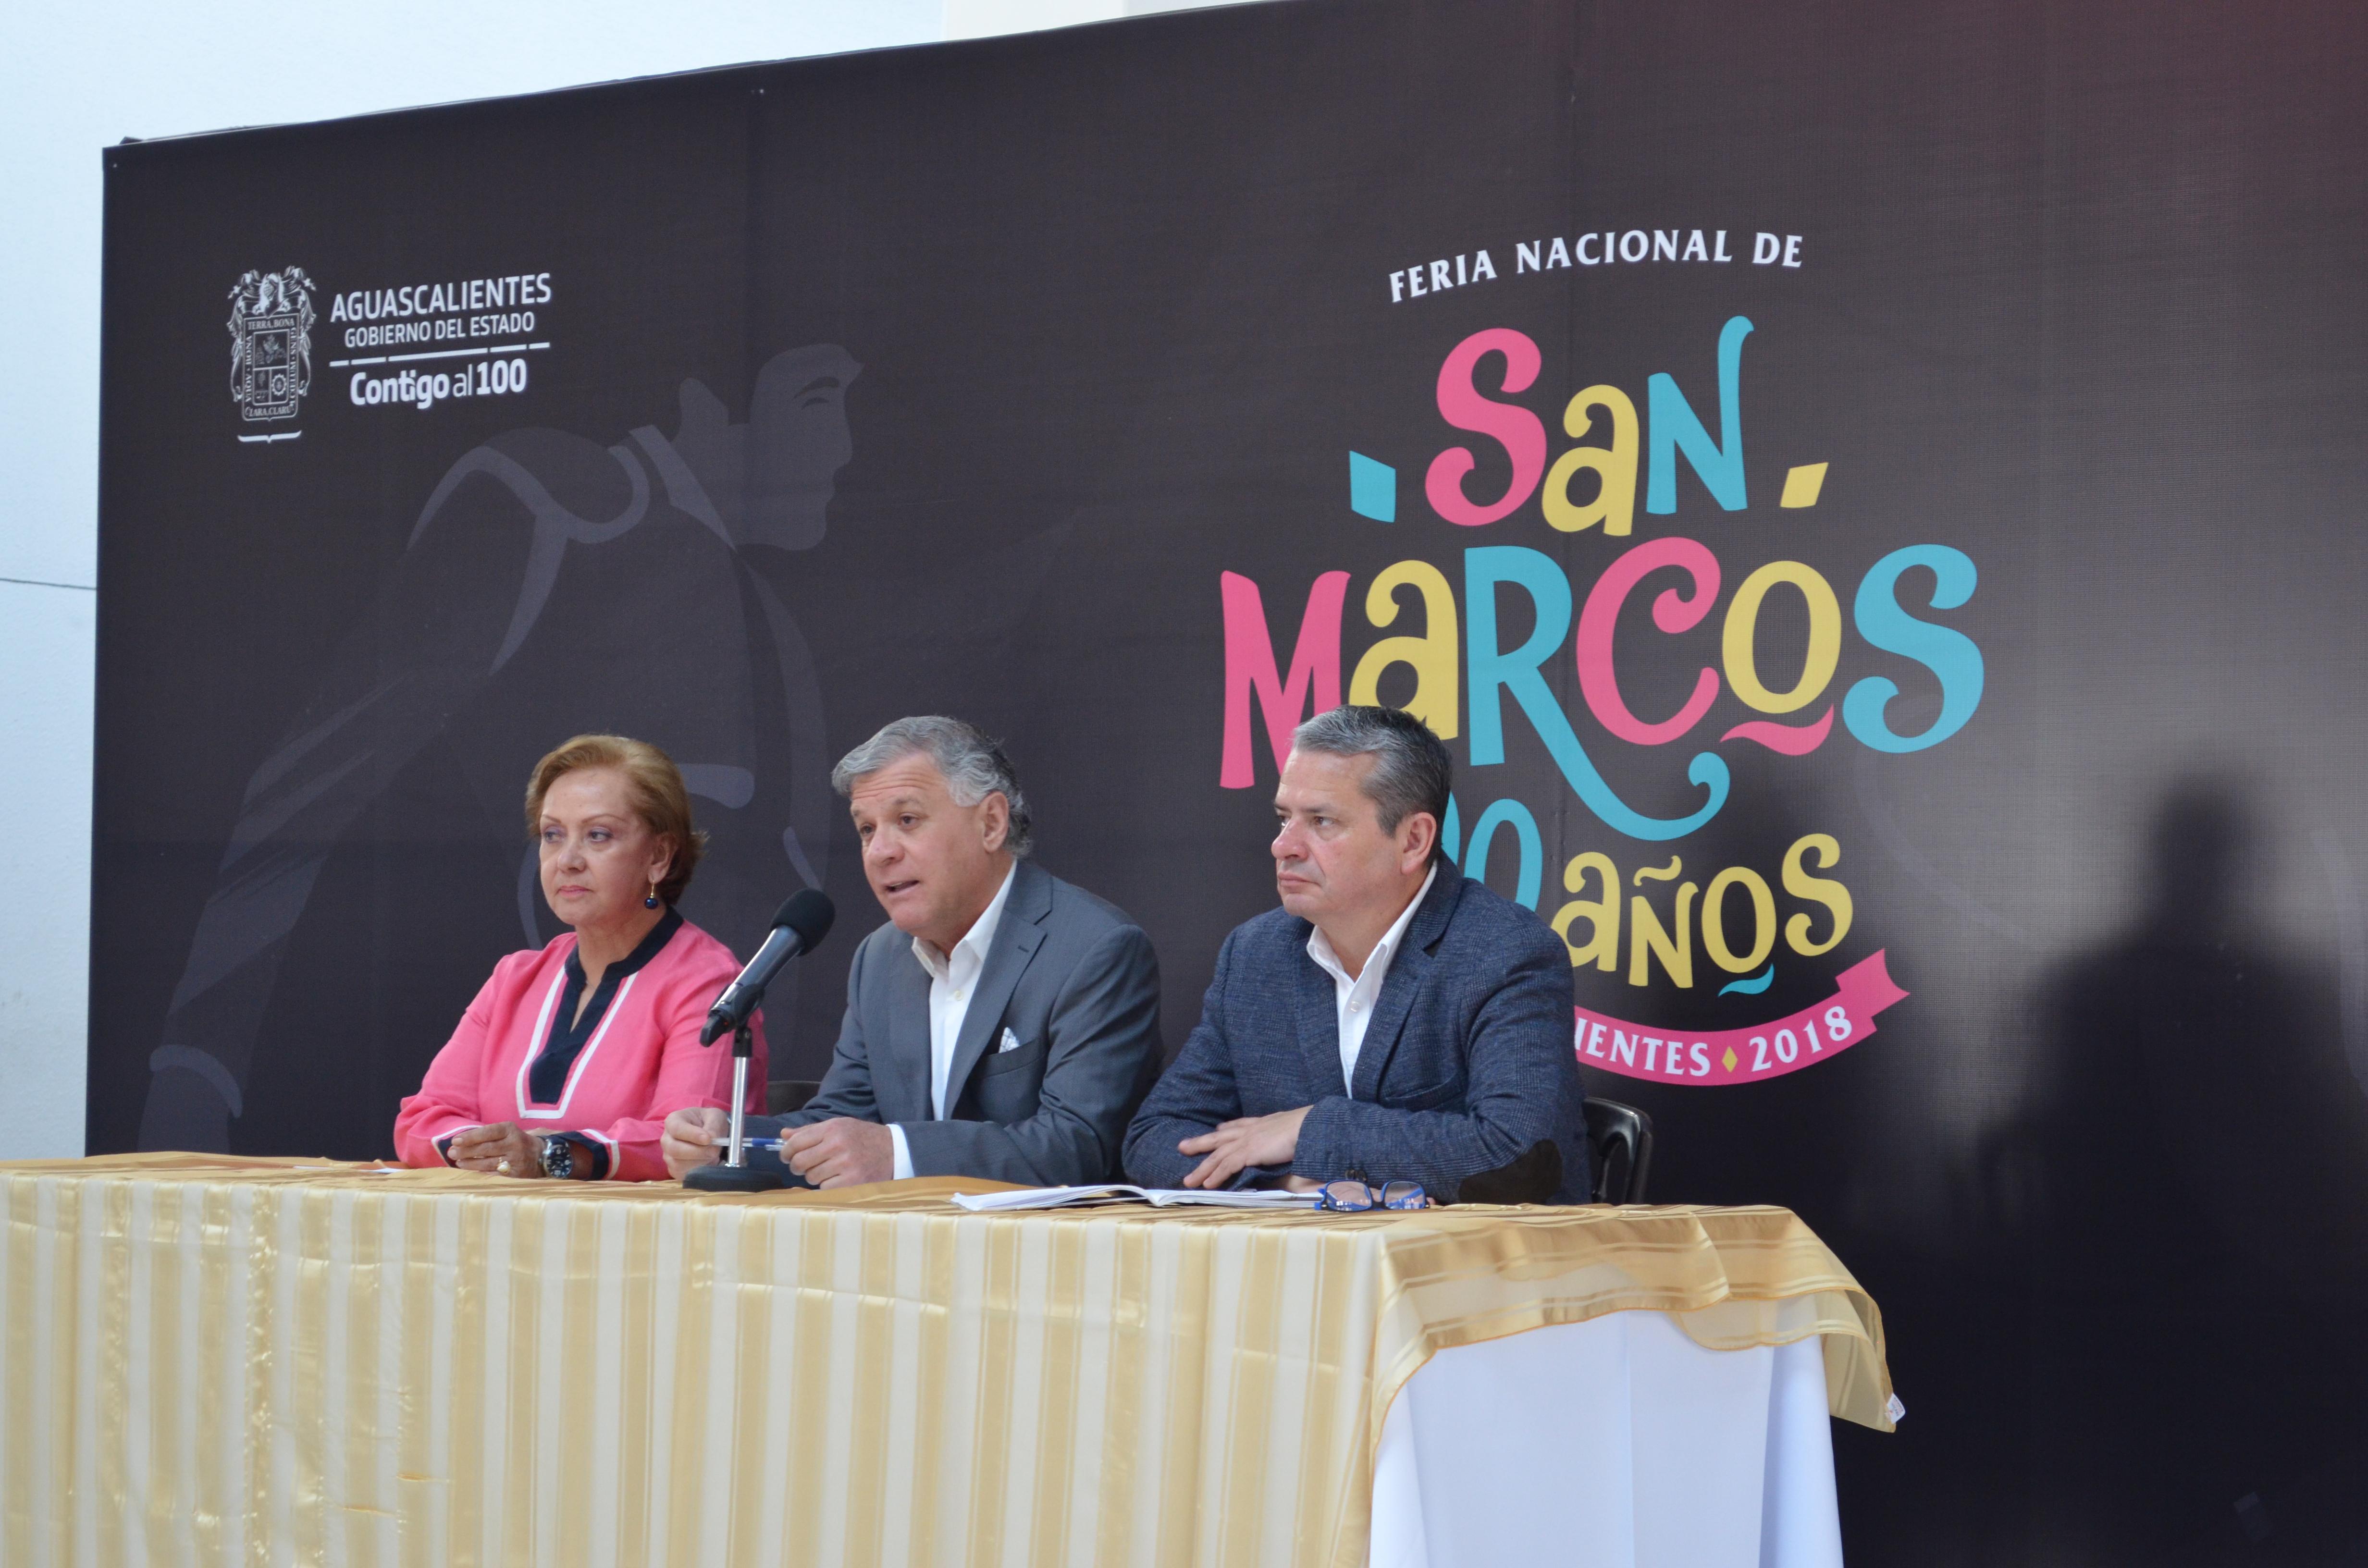 AFINA DURANGO DETALLES PARA SU PARTICIPACIÓN EN EL 190 ANIVERSARIO DE LA FNSM